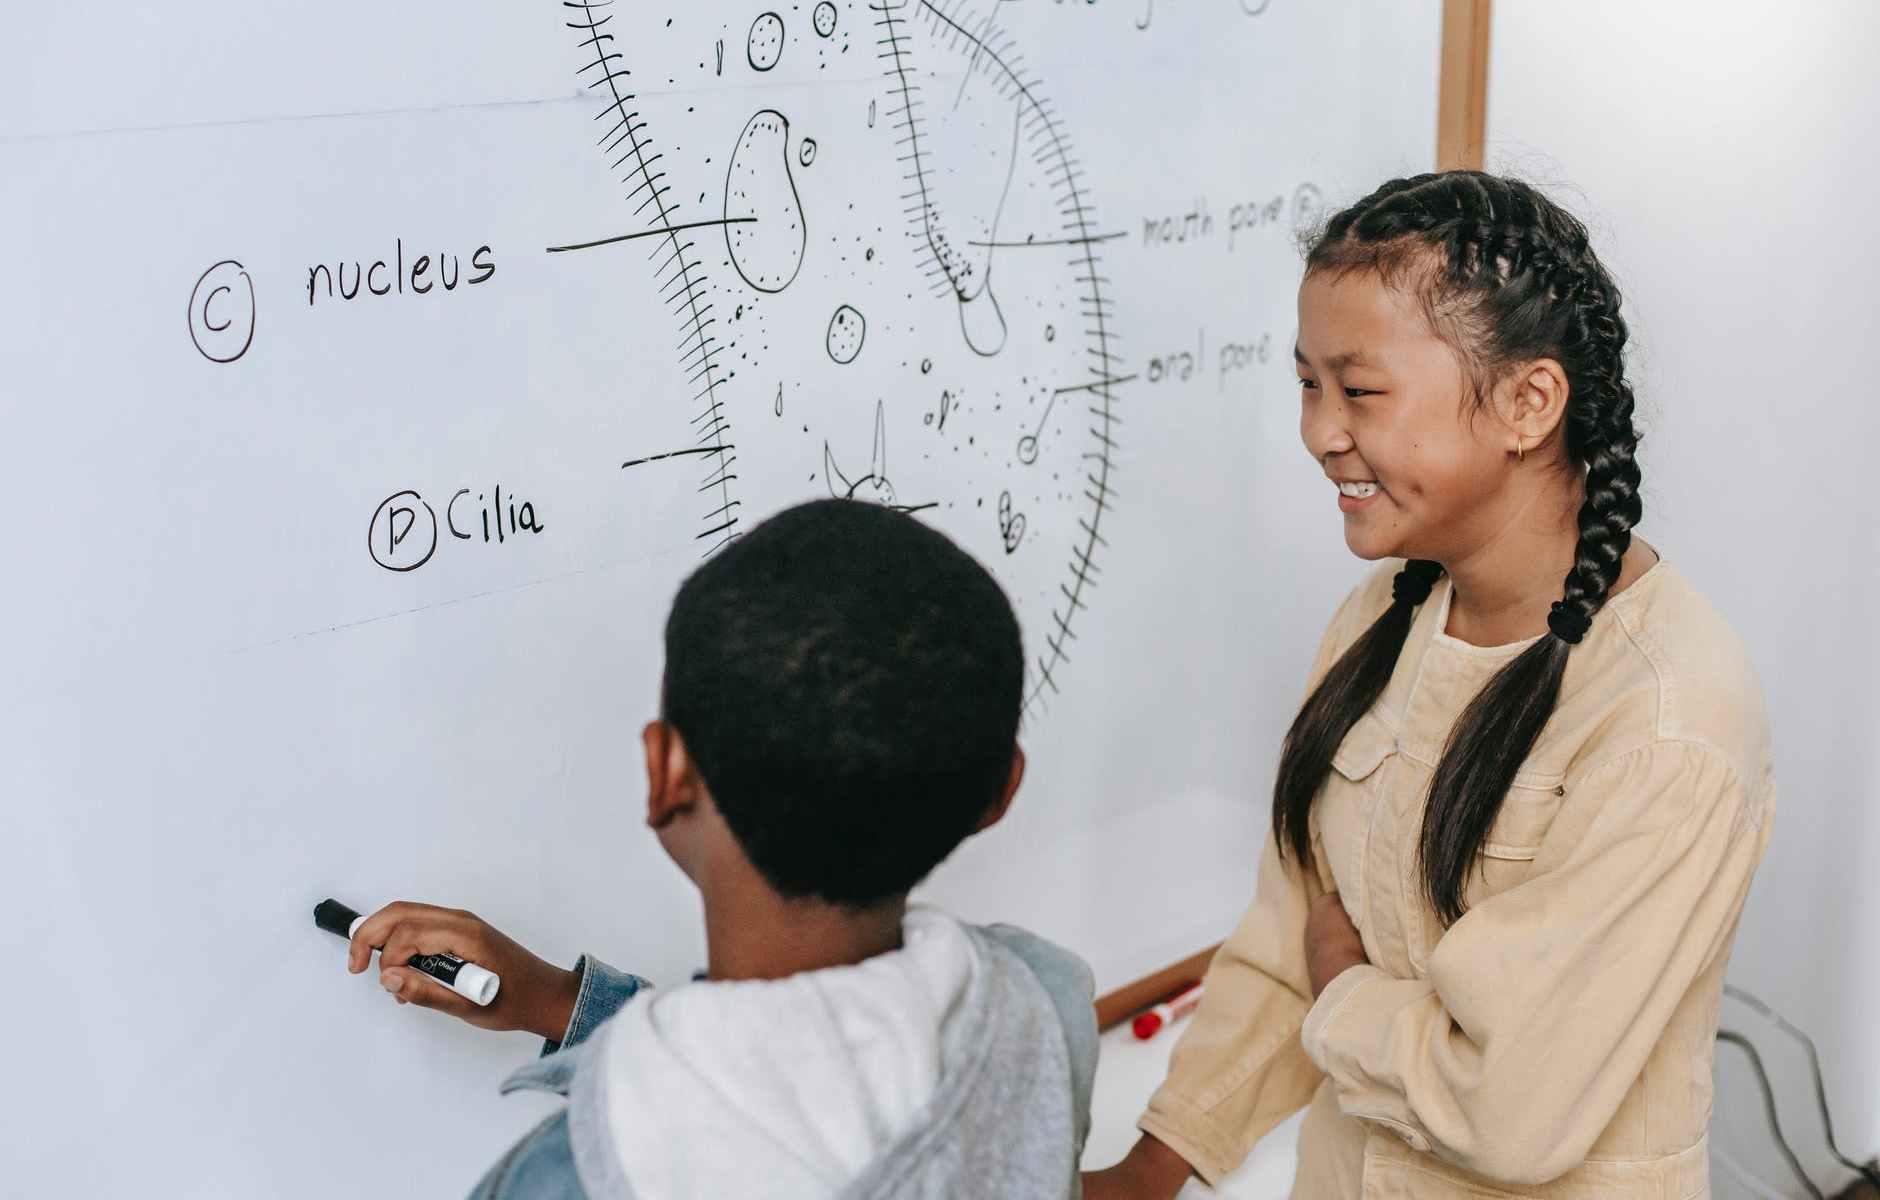 happy multiethnic children discussing structure of primitive organism